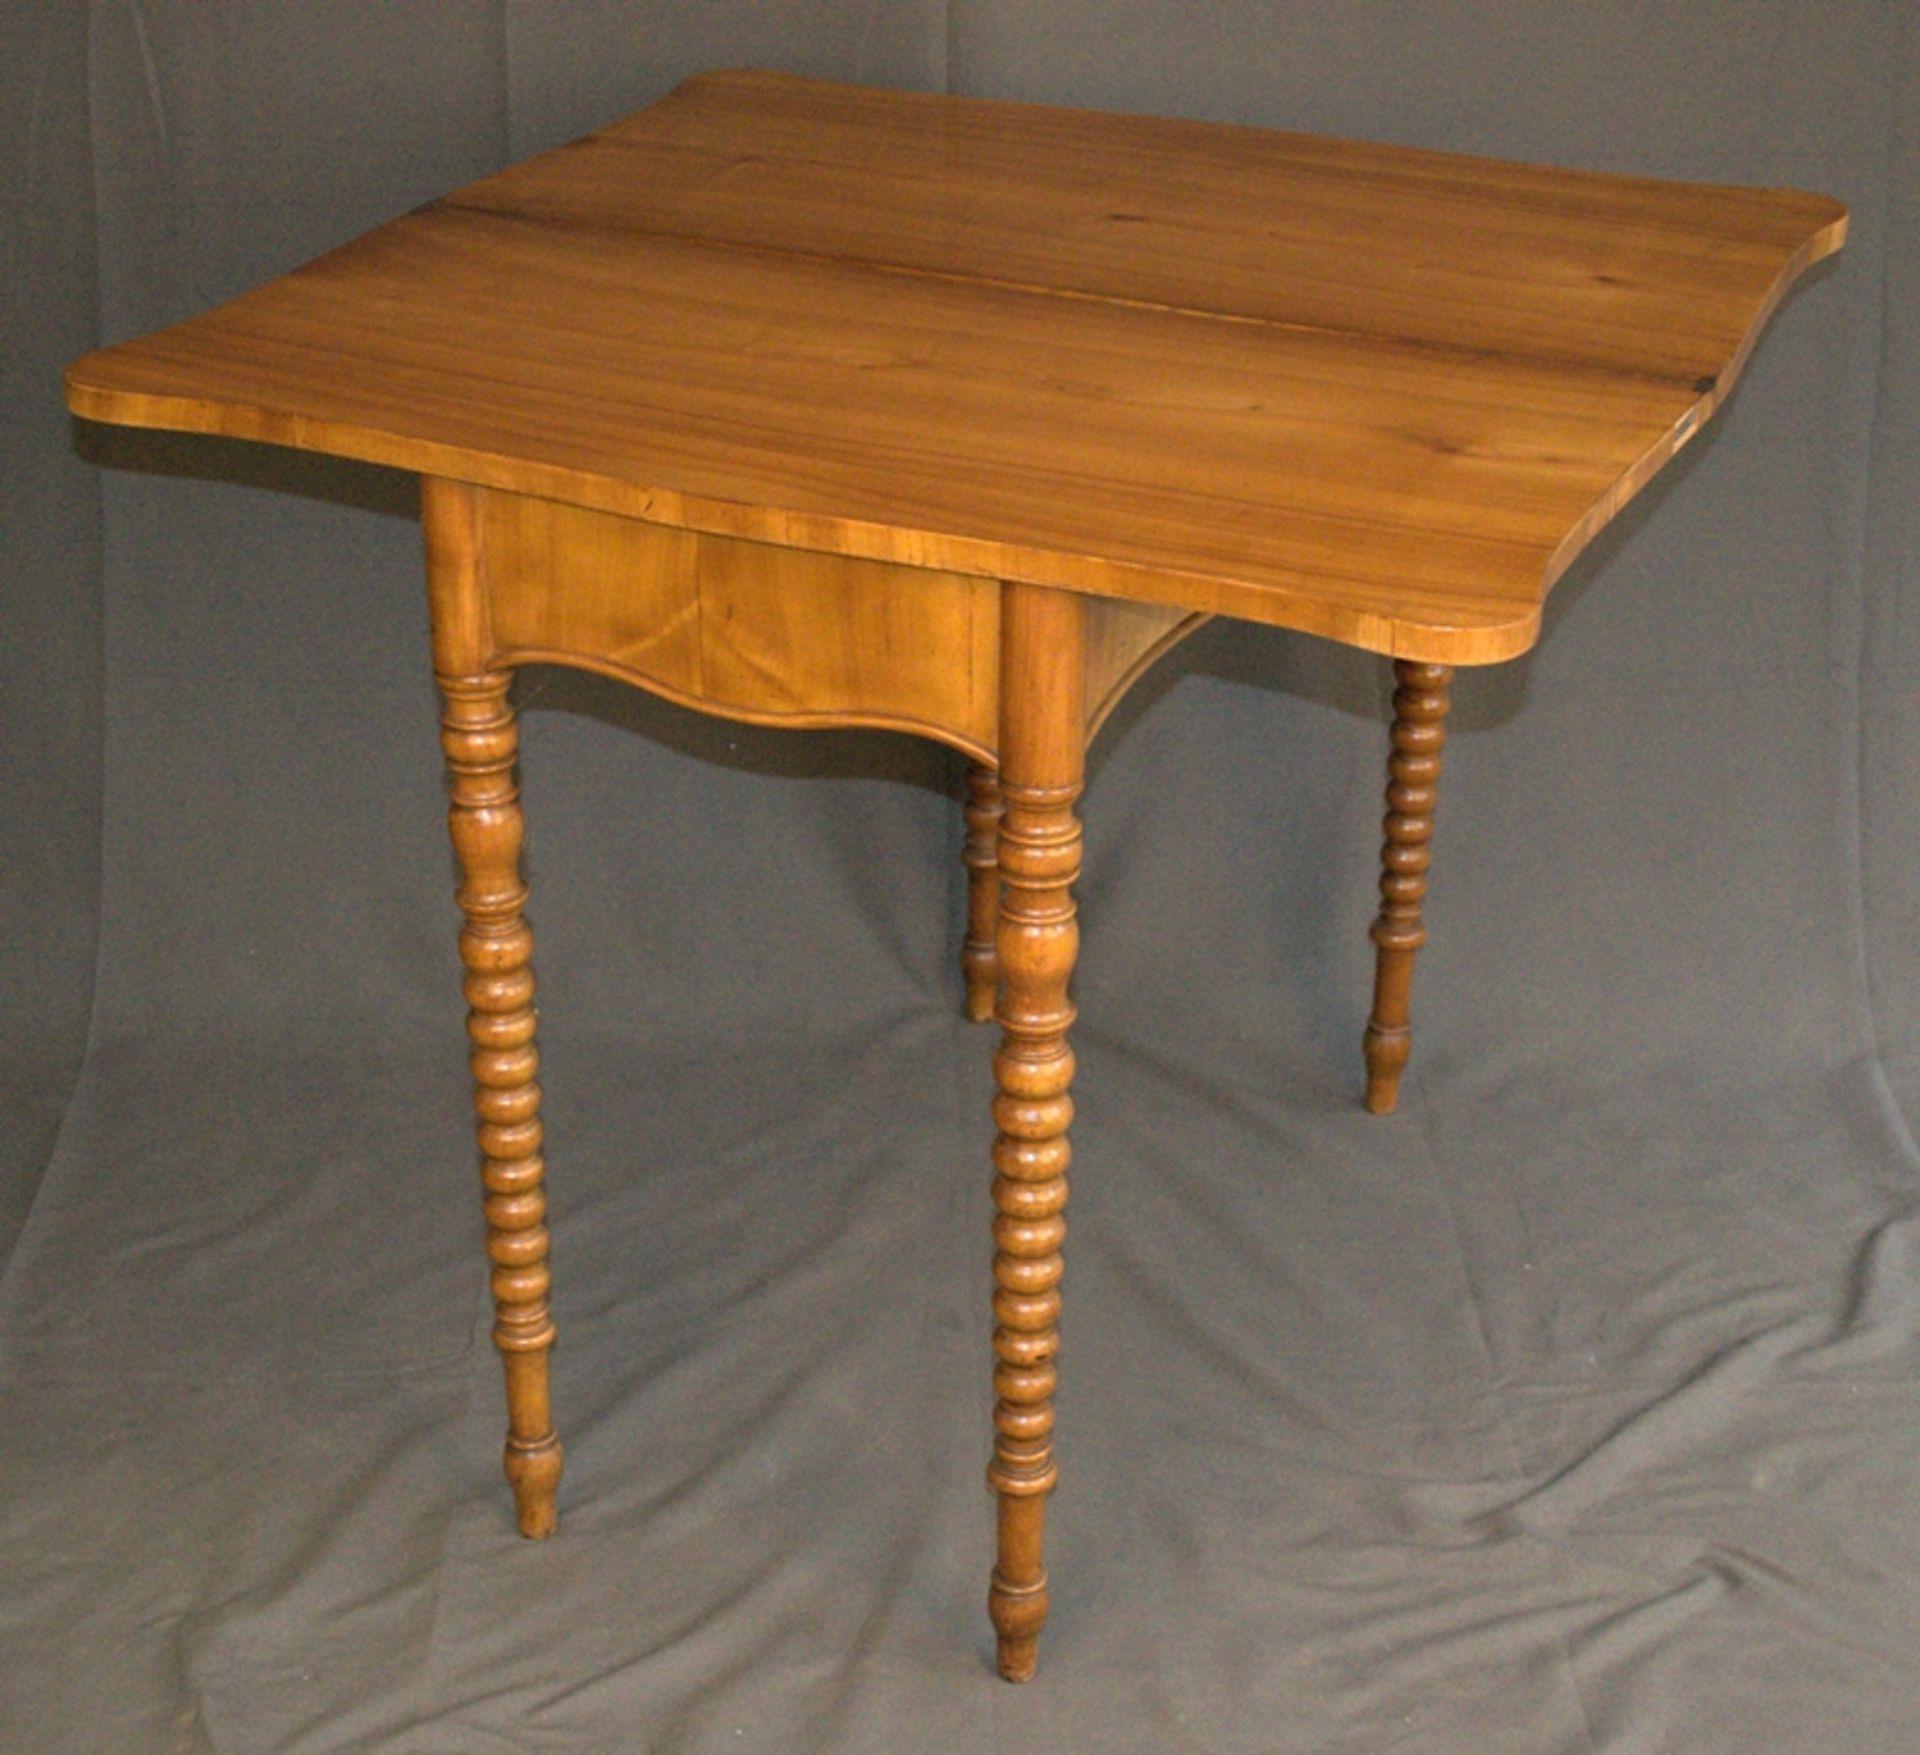 Konsoltisch/Spieltisch. Spätes Biedermeier um 1840/50. Kirschbaum massiv & furniert. Gepflegter - Bild 8 aus 24